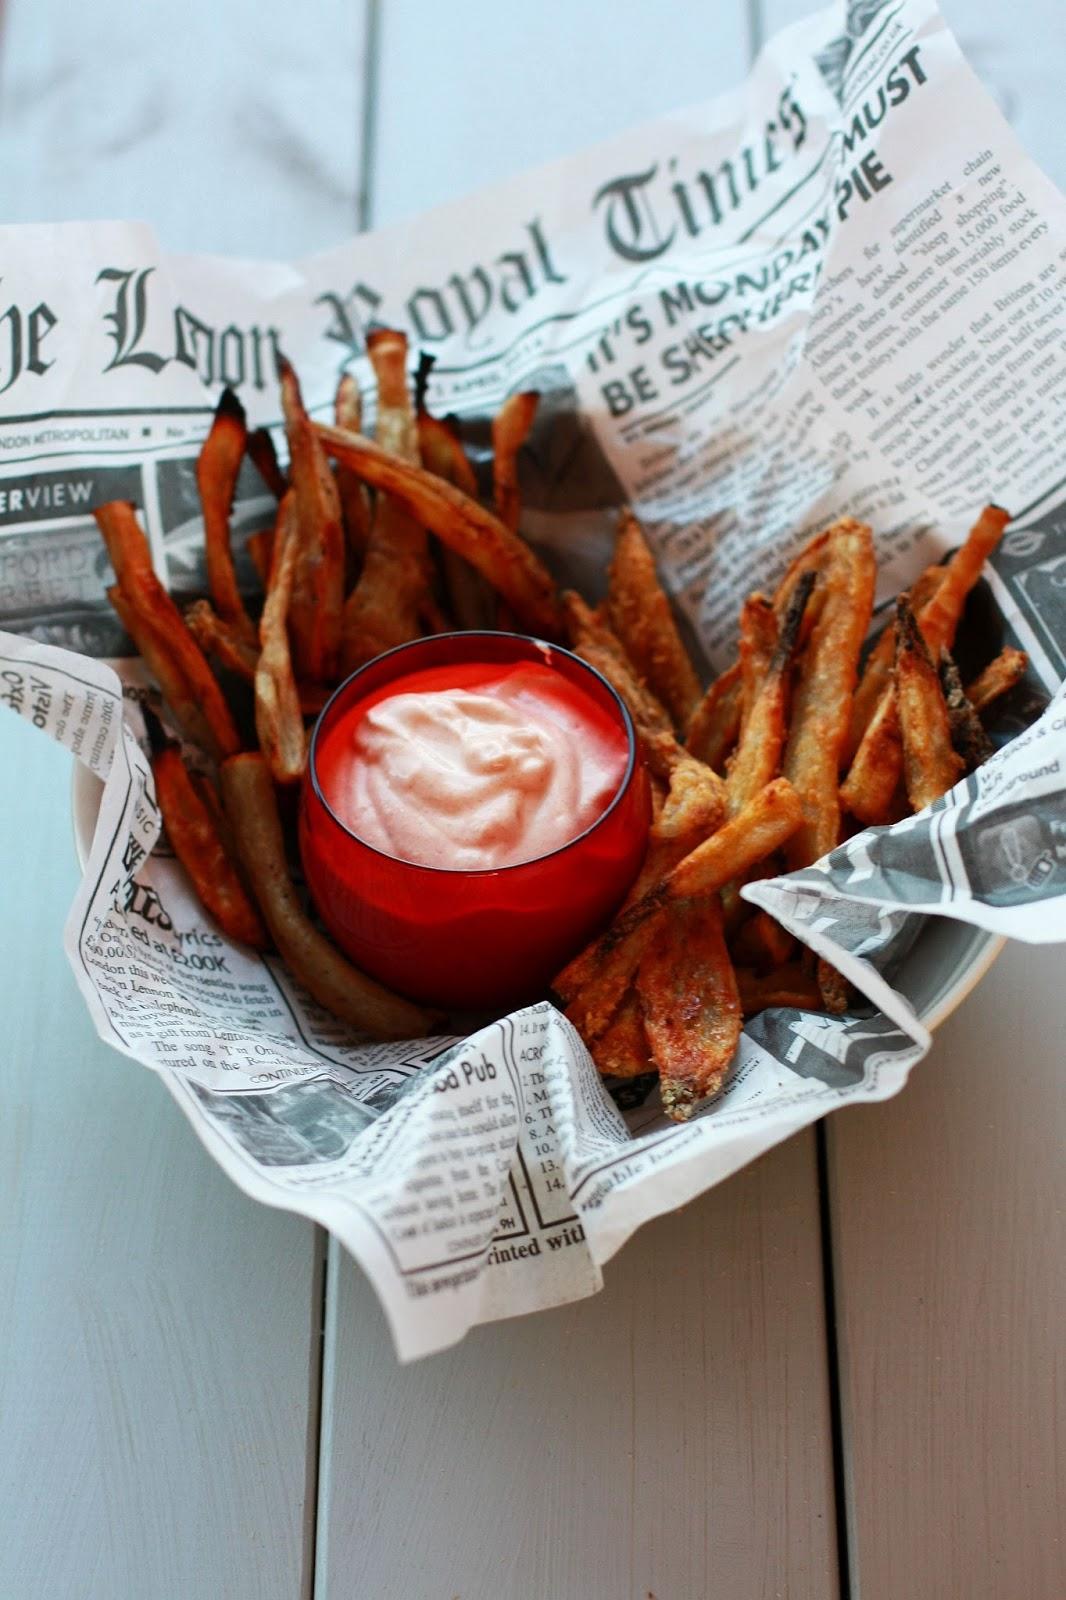 maa-artisokkaranskalaiset maa-artisokka ranskalainen resepti mallaspulla fries jerusalem artichoke